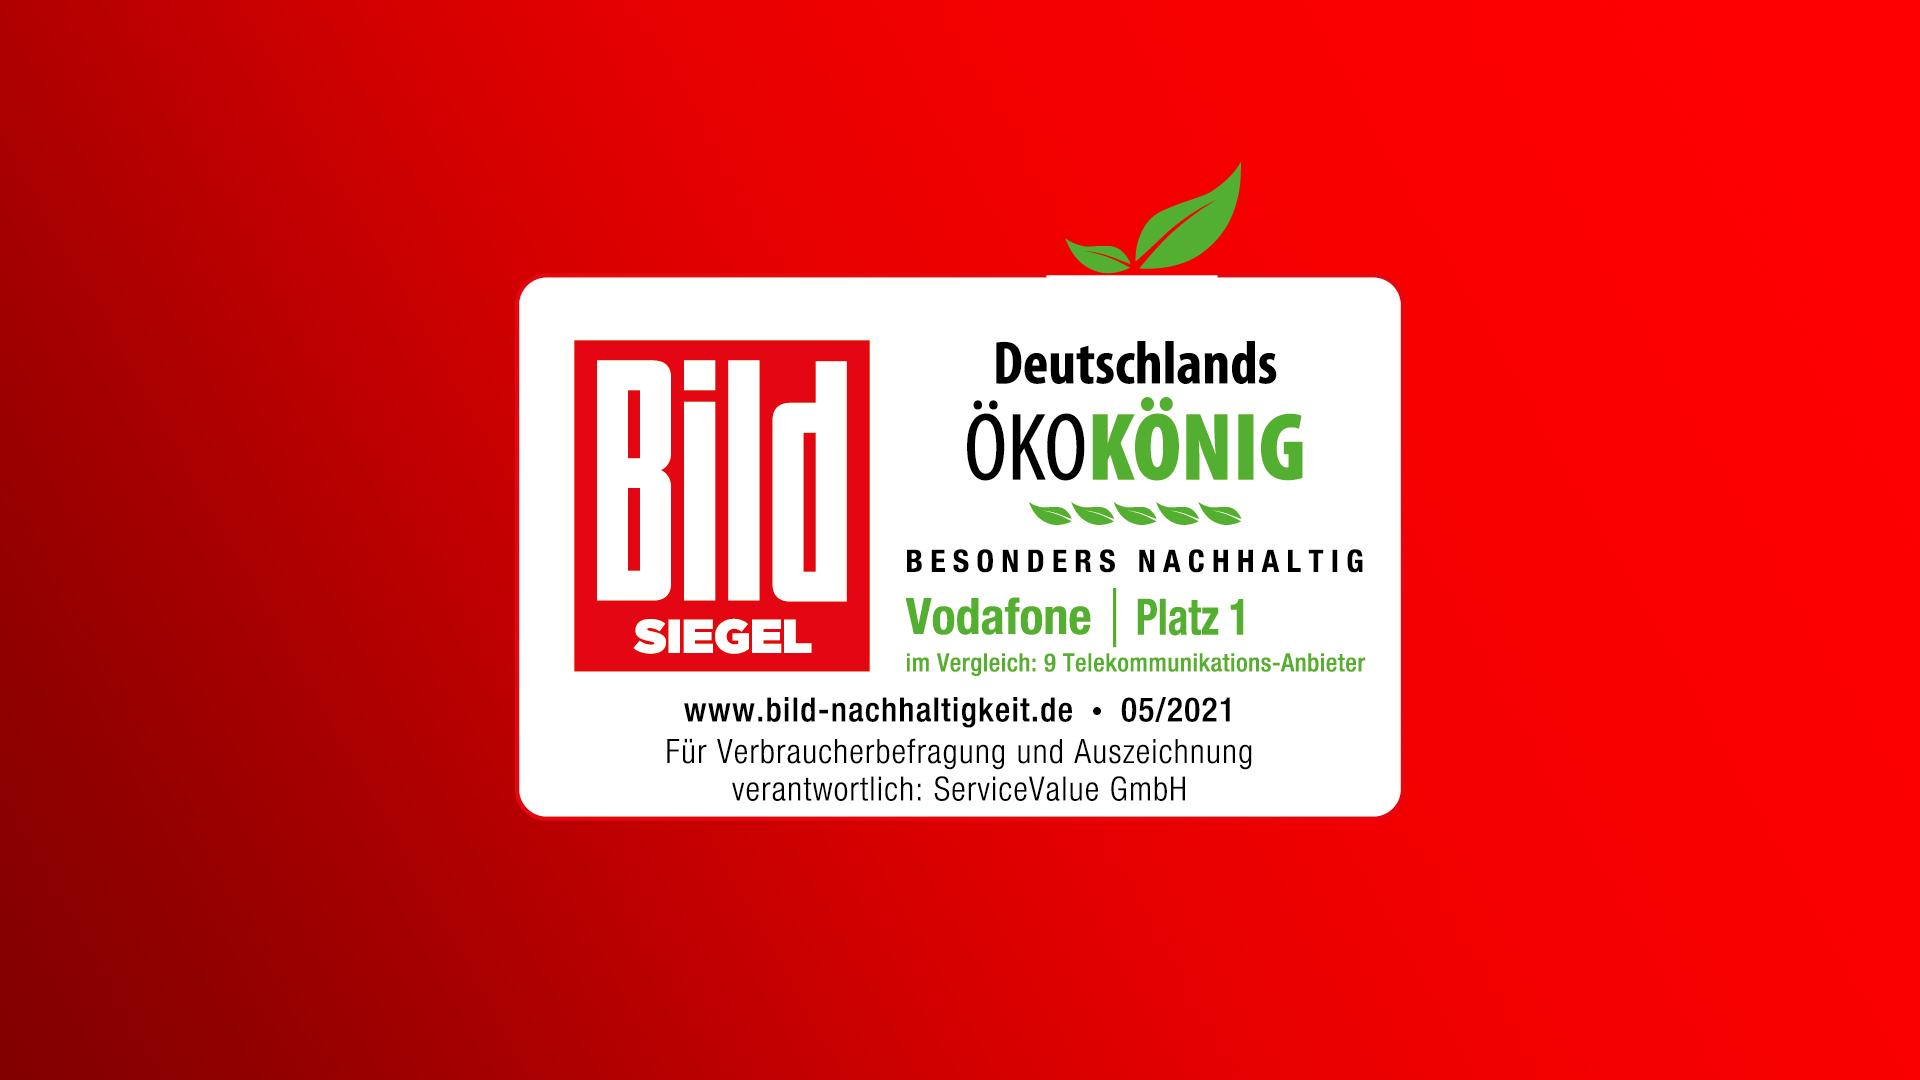 """Das """"Ökokönig""""-Siegel der BILD als Auszeichnung für nachhaltige Unternehmen."""